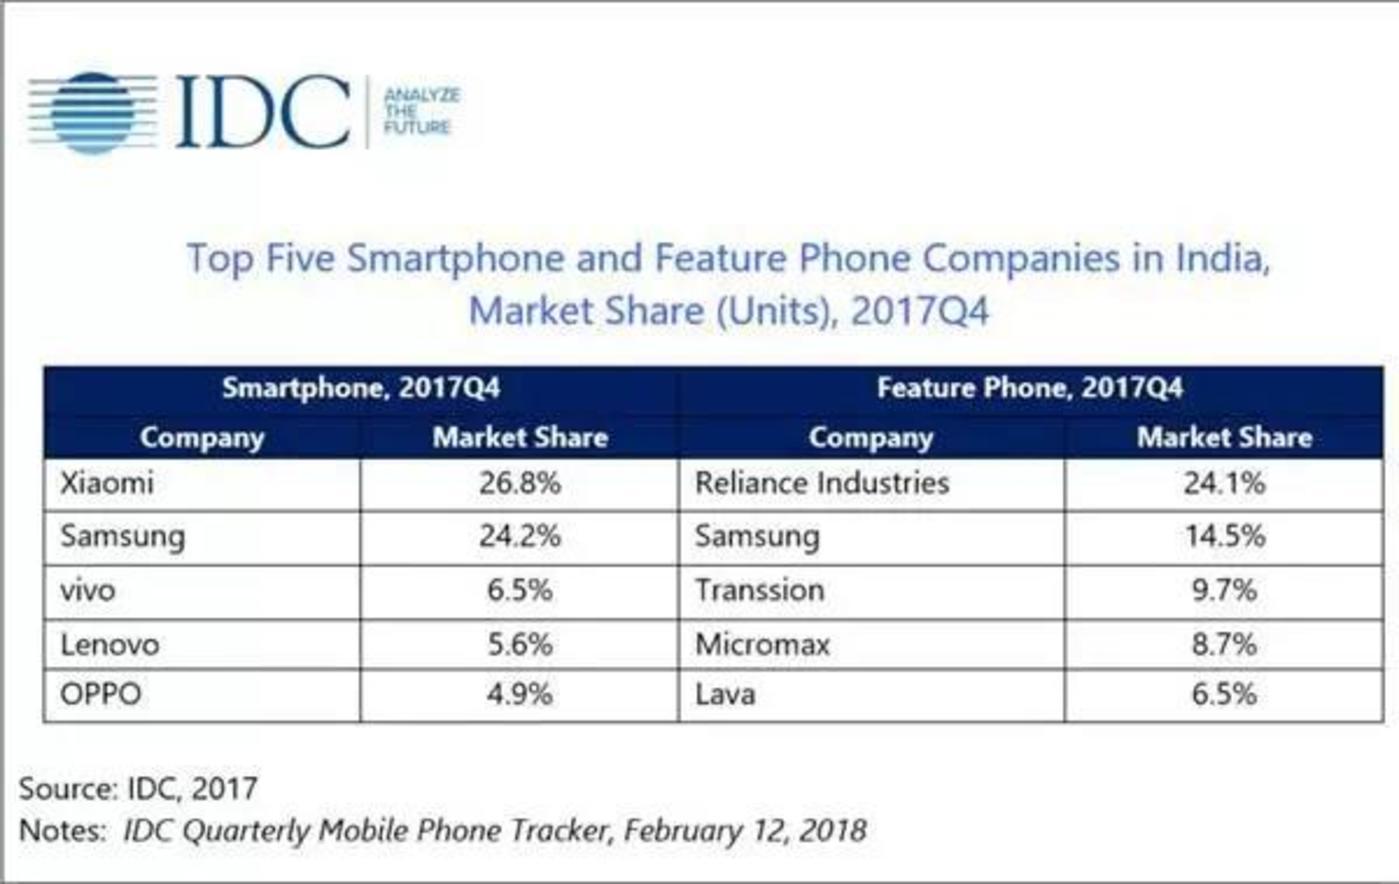 2017年第四季度印度排名前五的智能手机和功能手机公司所占的市场份额